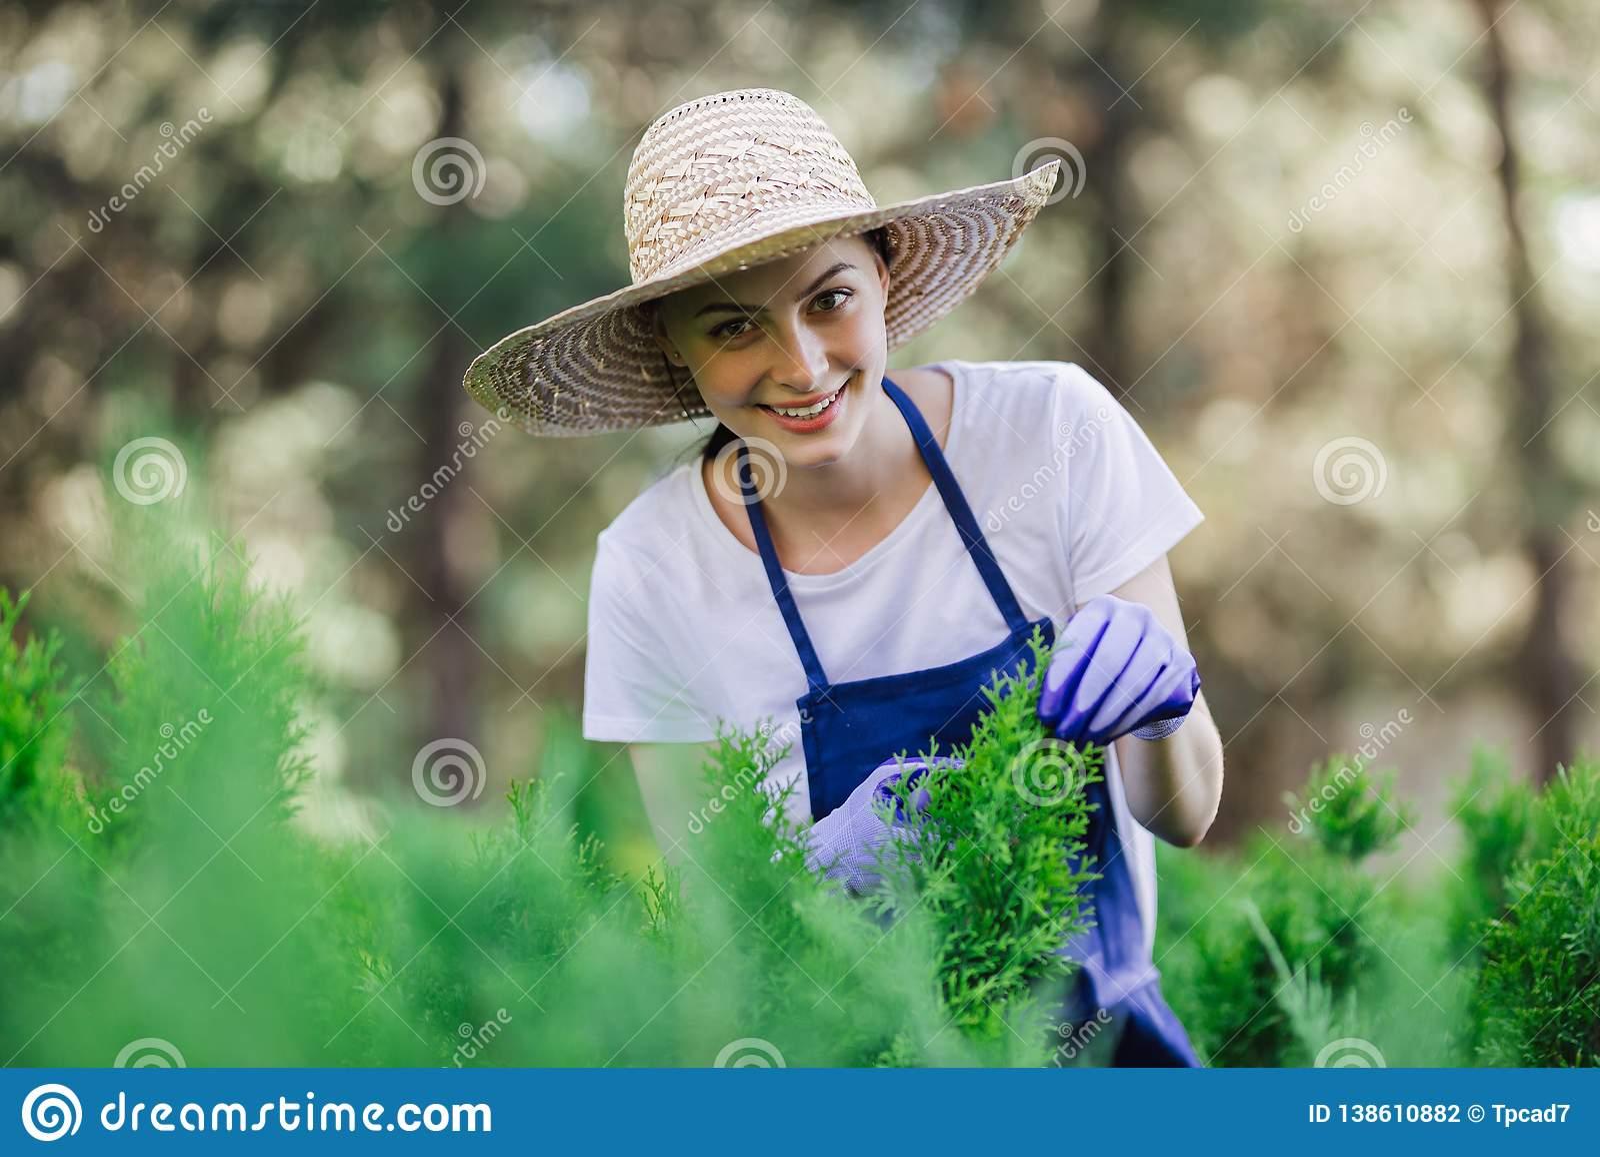 De vrouw gebruikt het tuinieren hulpmiddel om haag, scherpe struiken met tuinscharen in orde te maken